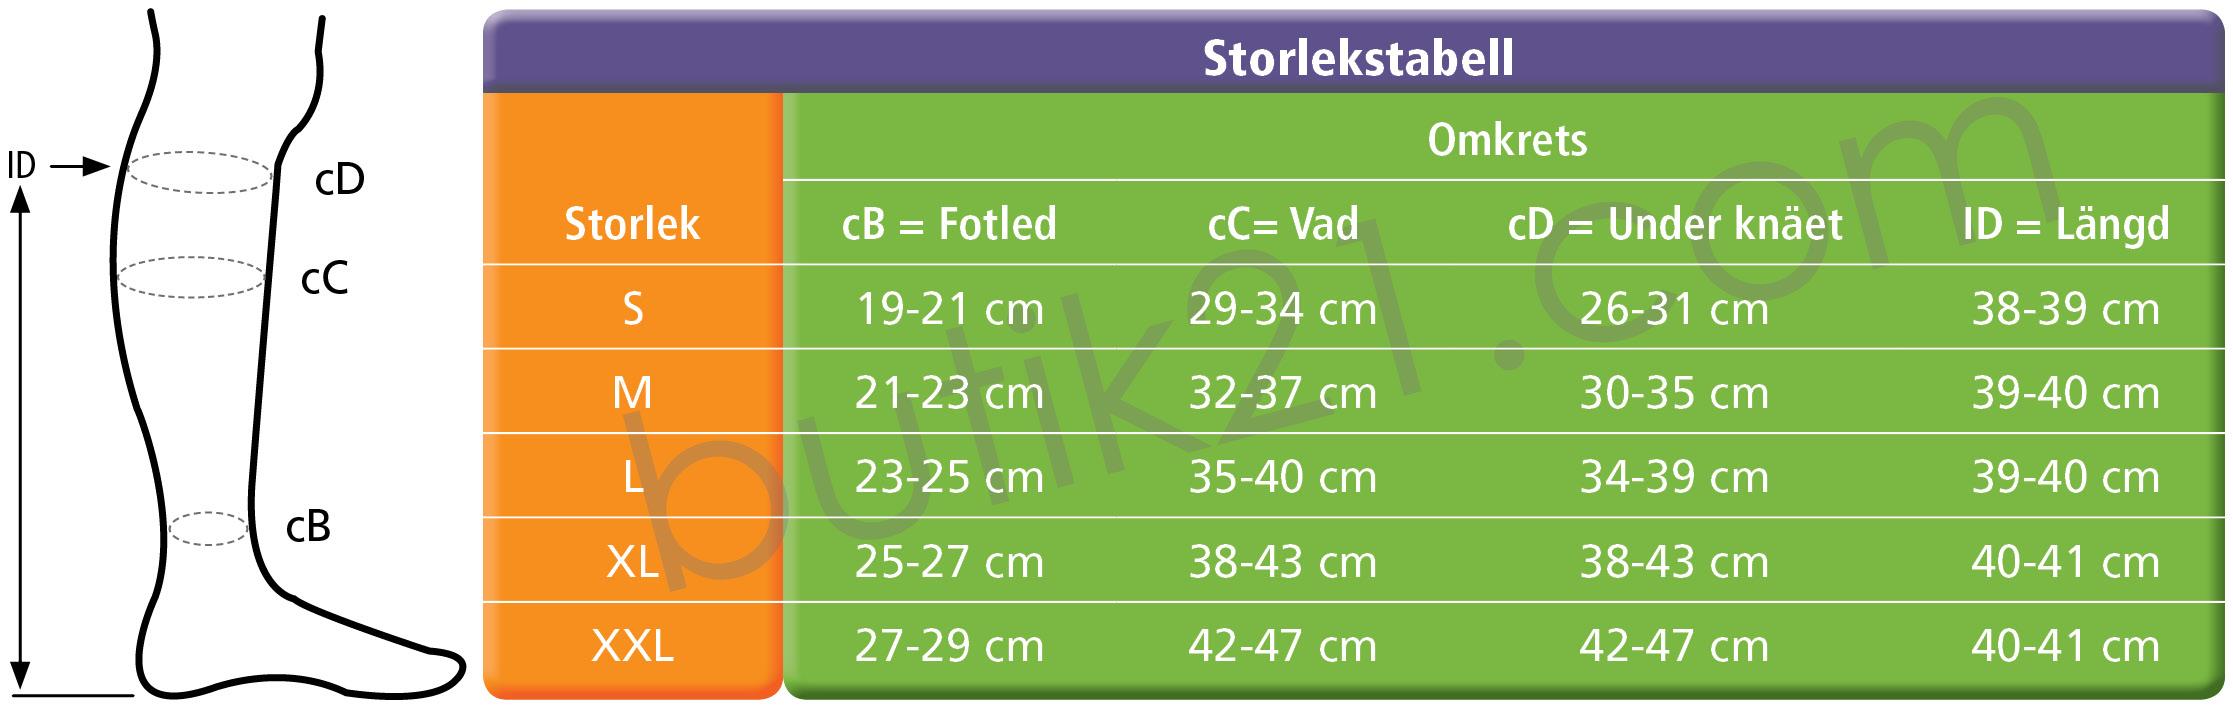 Storlekstabell medicinska stödstrumpor (knähöga)